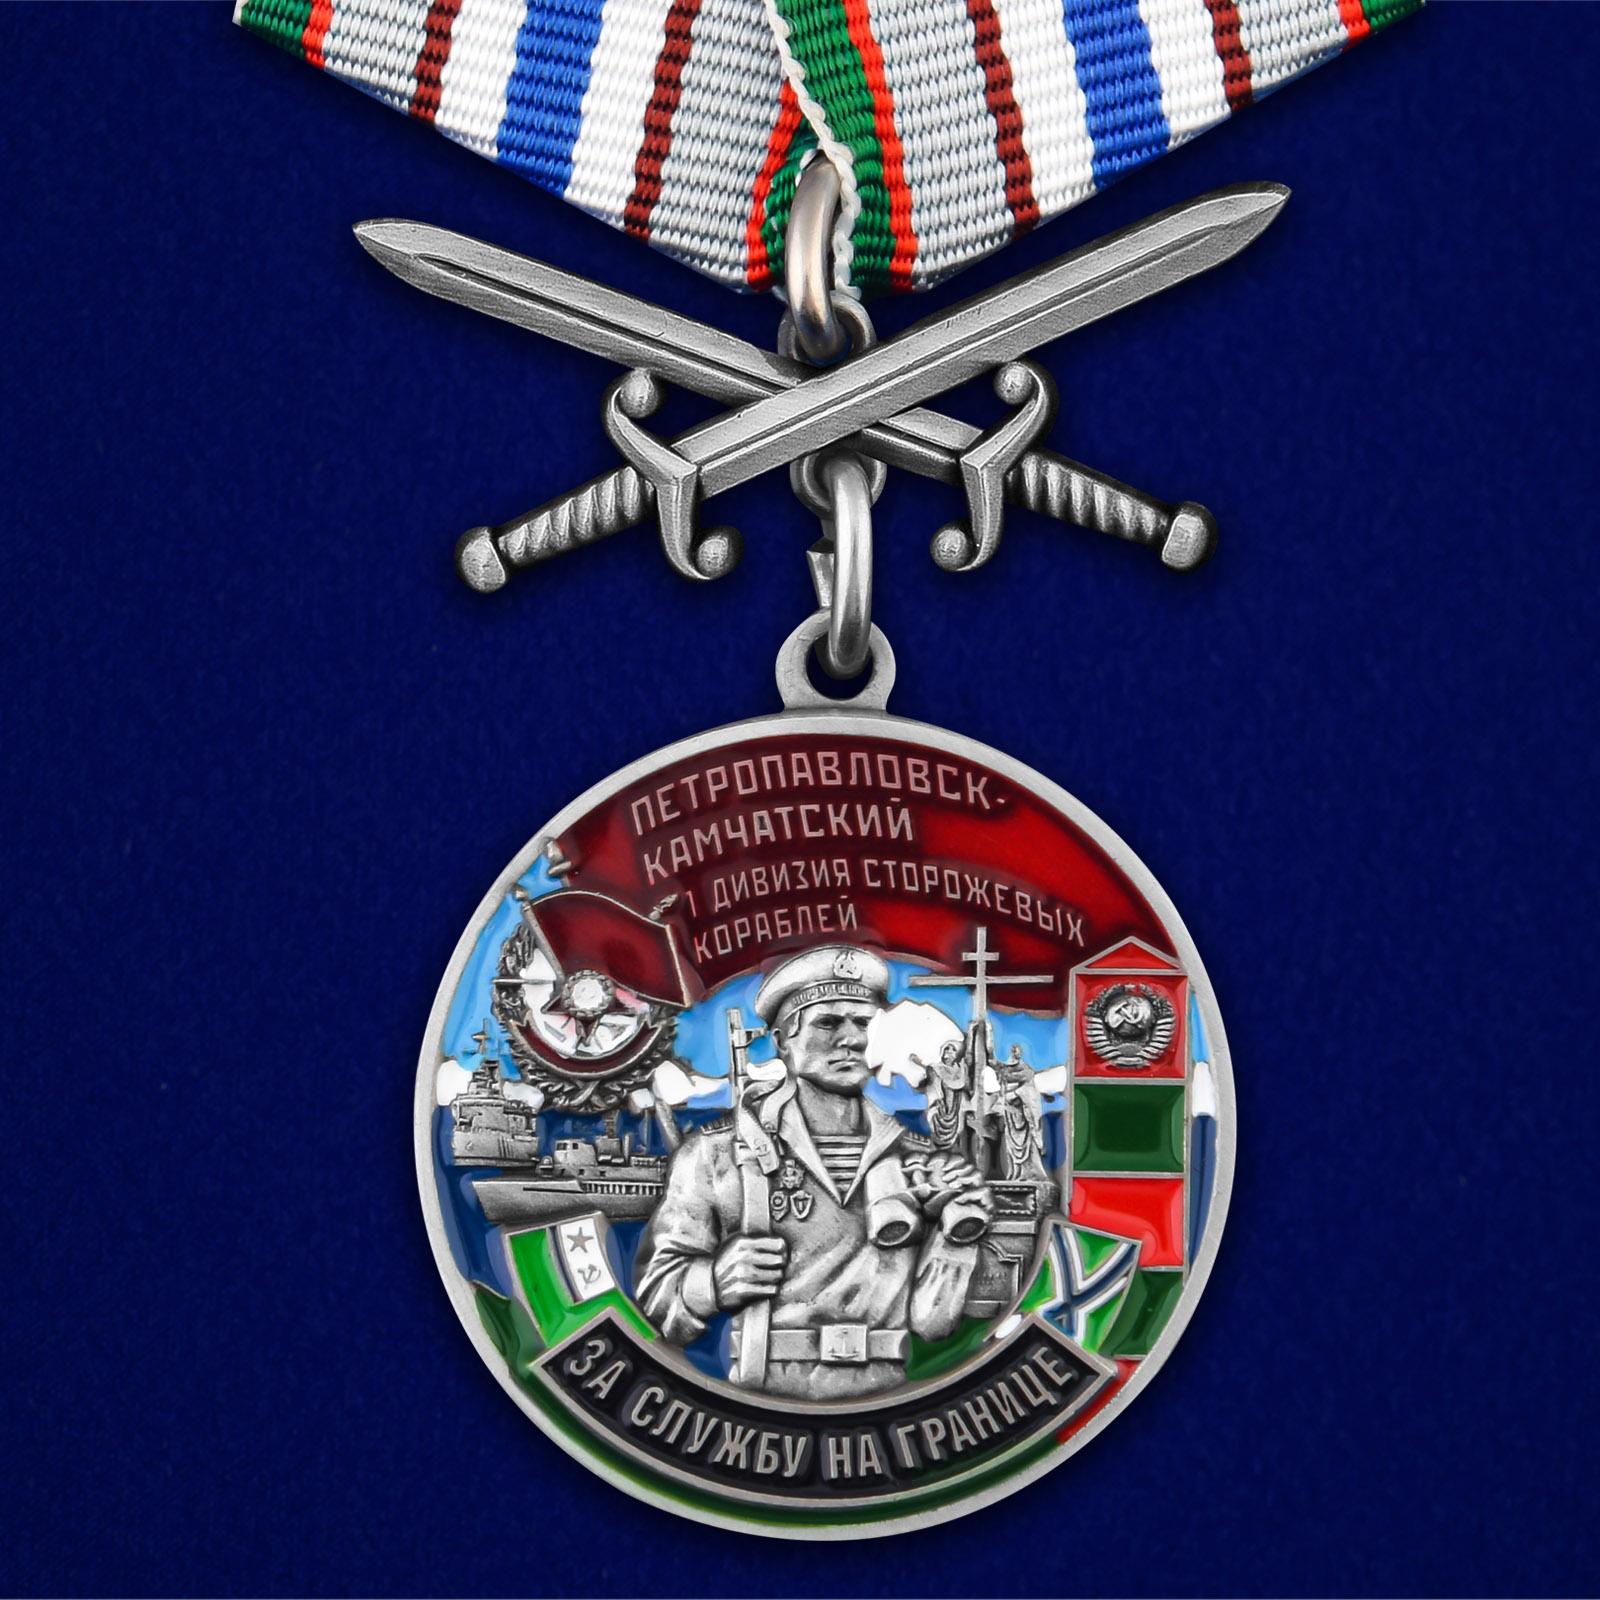 """Памятная медаль """"За службу в 1-ой дивизии сторожевых кораблей"""""""